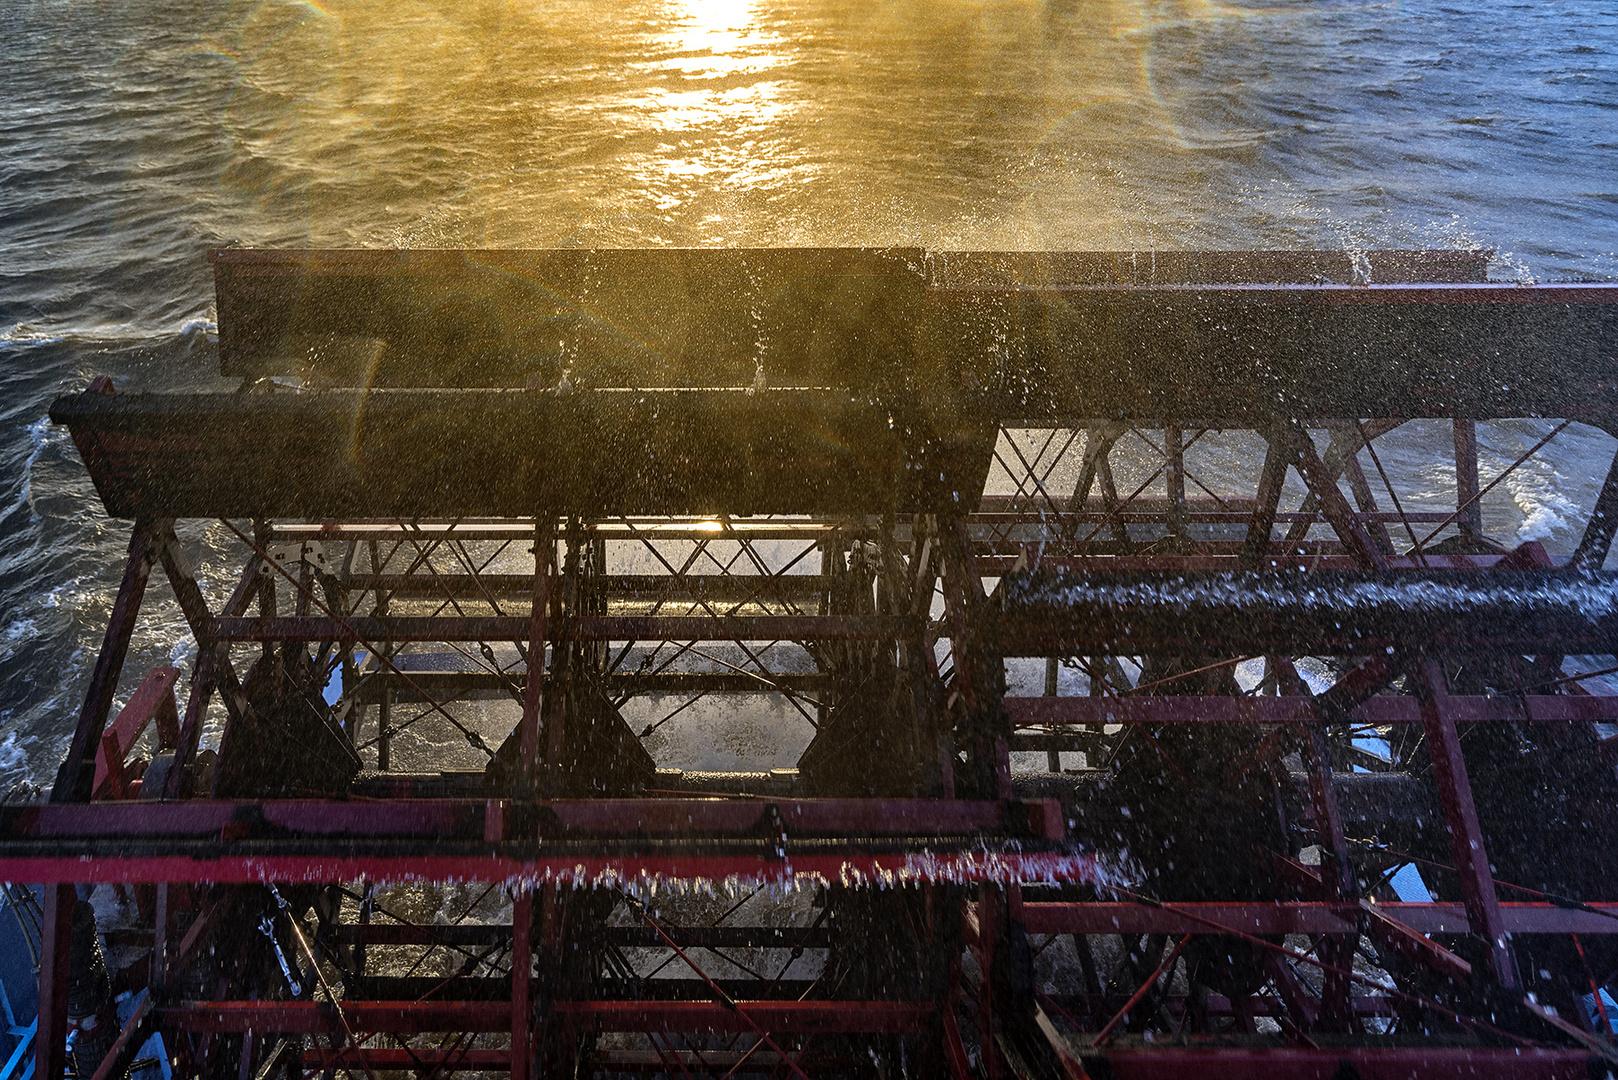 Das Schaufelrad des Raddampfers Louisiana Star im Hamburger Hafen